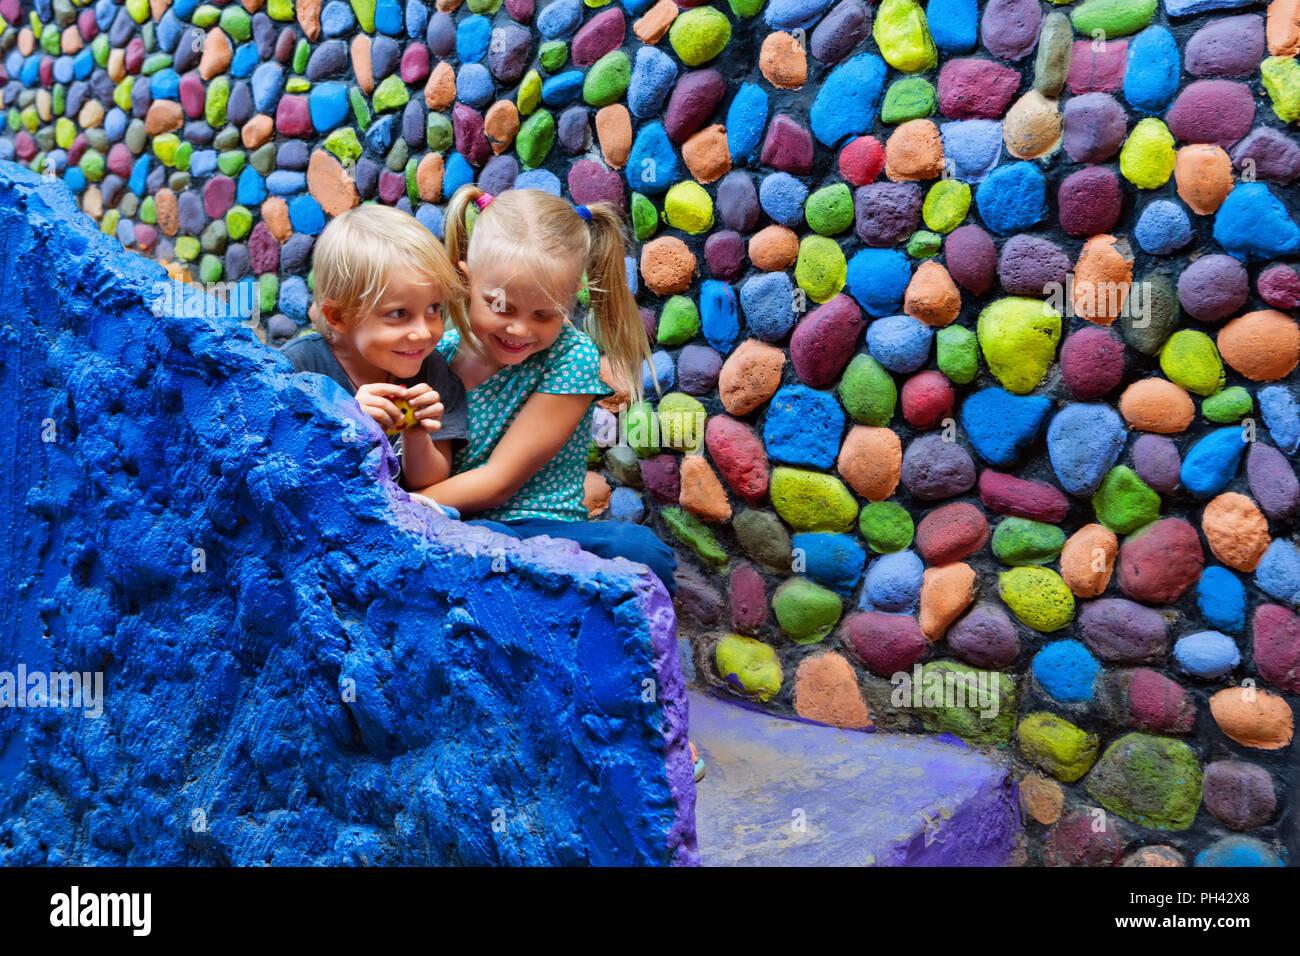 Dos niños felices divertirse juntos sentado fuera de casa en coloridos escalones de piedra. Chica juguetona abrazo riendo hermano menor. Estilo de vida viajes, paseos ci Imagen De Stock